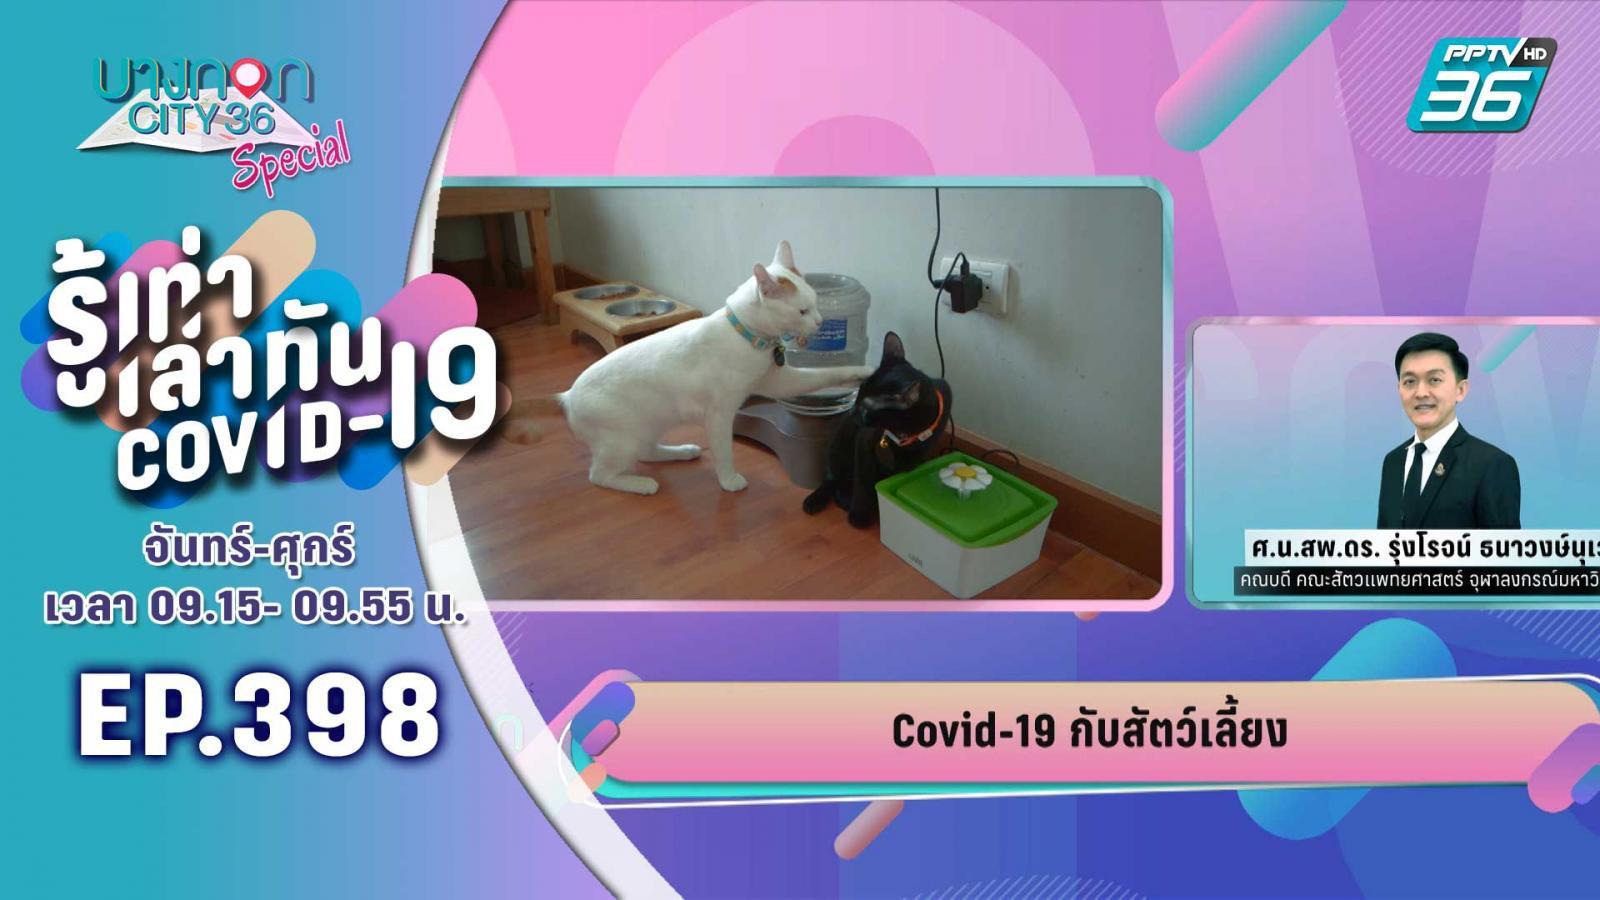 Covid-19 กับสัตว์เลี้ยง